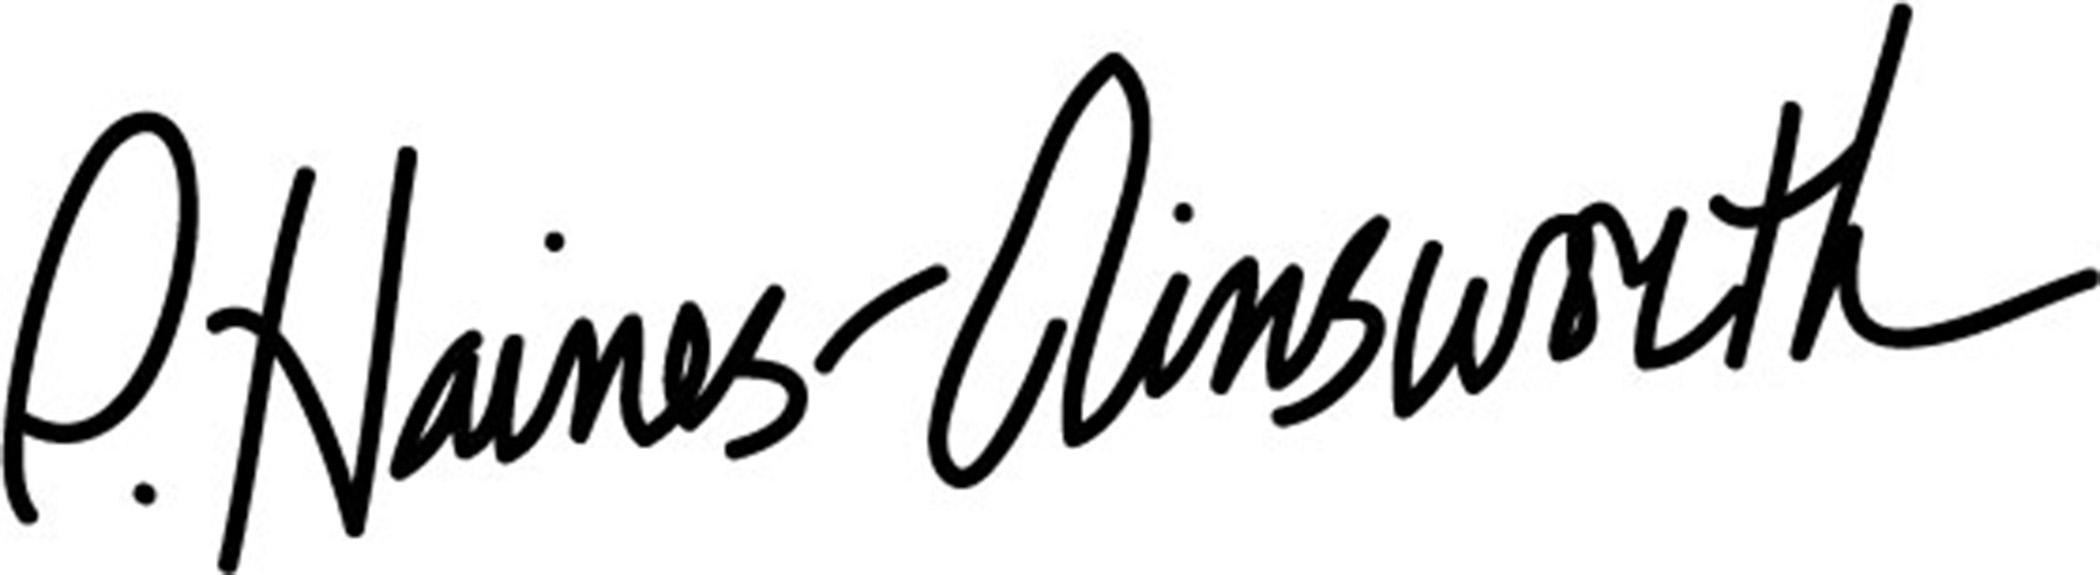 Patricia Haines-Ainsworth's Signature